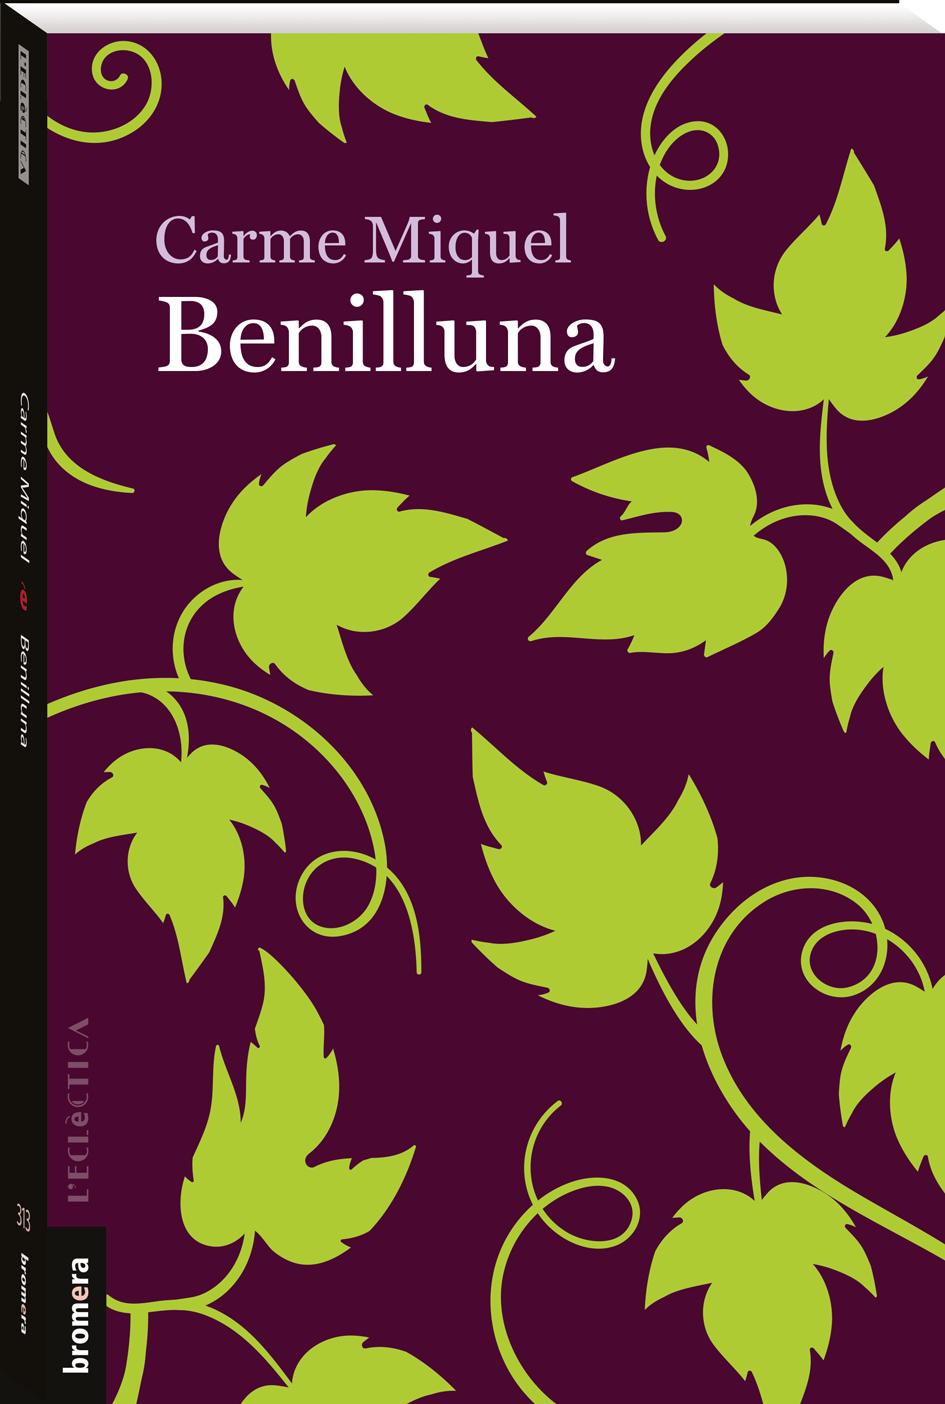 313_Benilluna_2.png